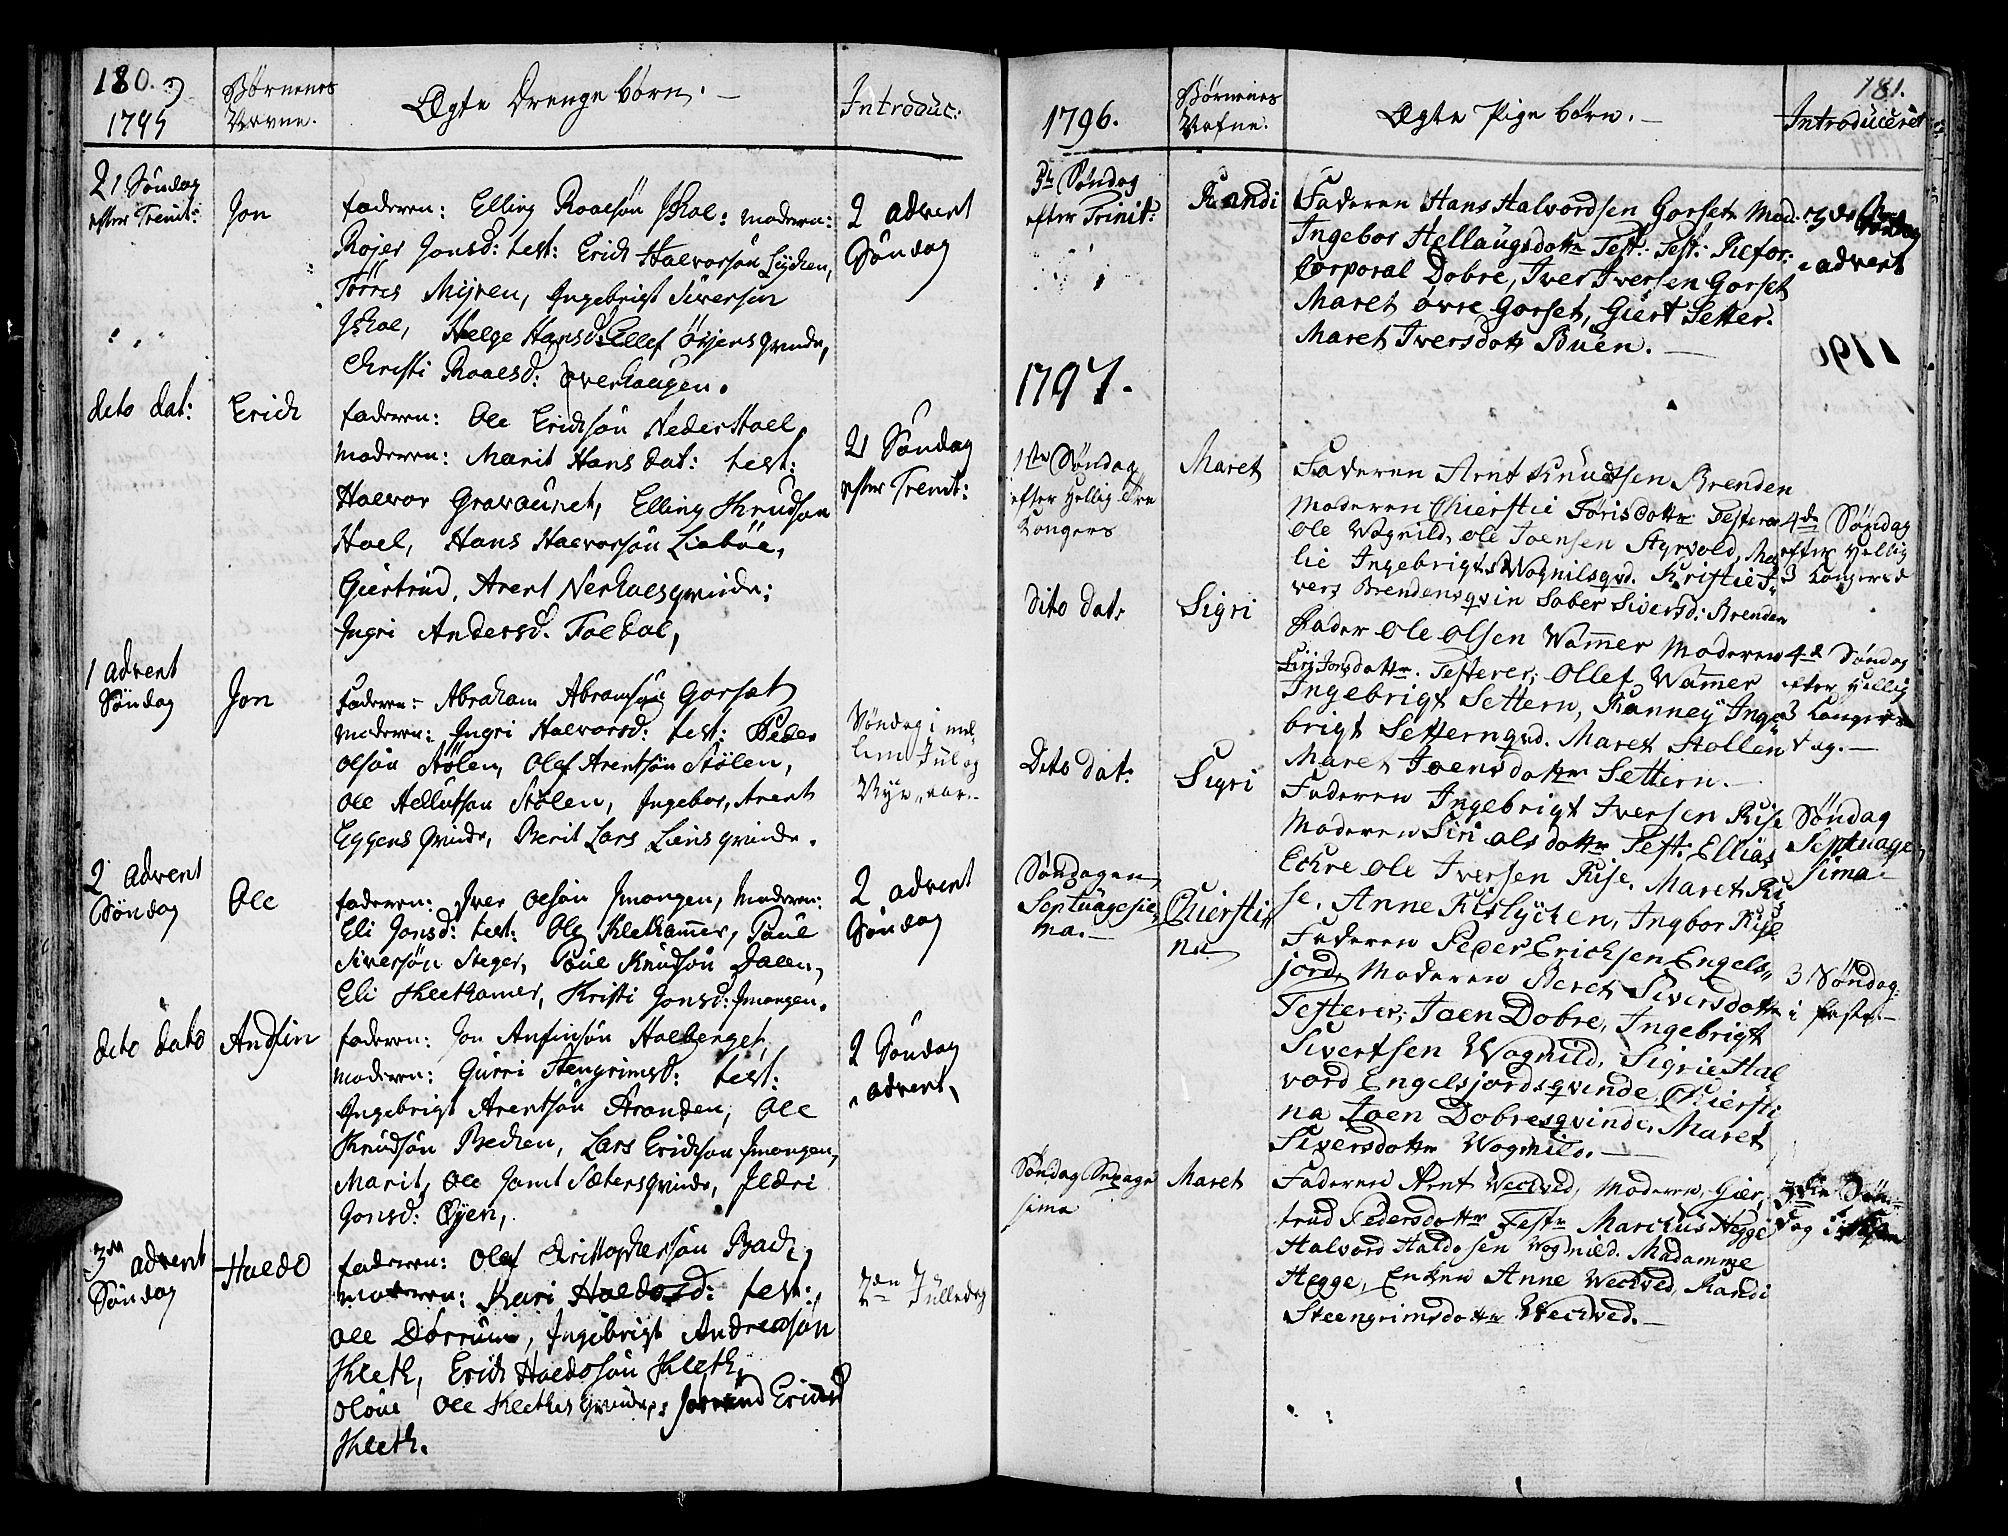 SAT, Ministerialprotokoller, klokkerbøker og fødselsregistre - Sør-Trøndelag, 678/L0893: Ministerialbok nr. 678A03, 1792-1805, s. 180-181